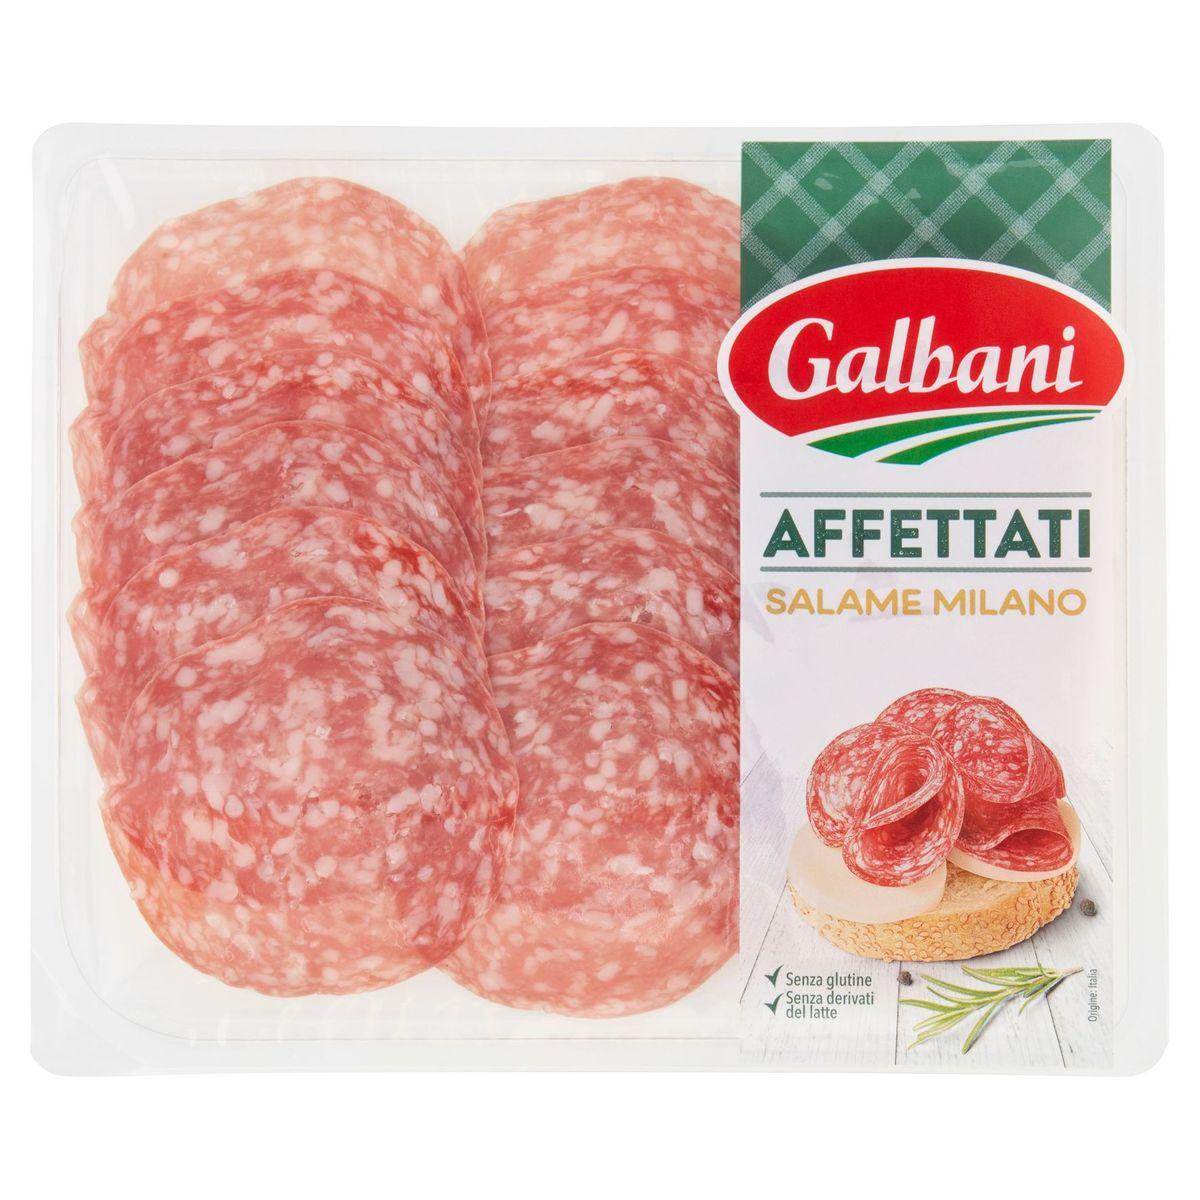 Galbani Affettati Salame Milano 100 g